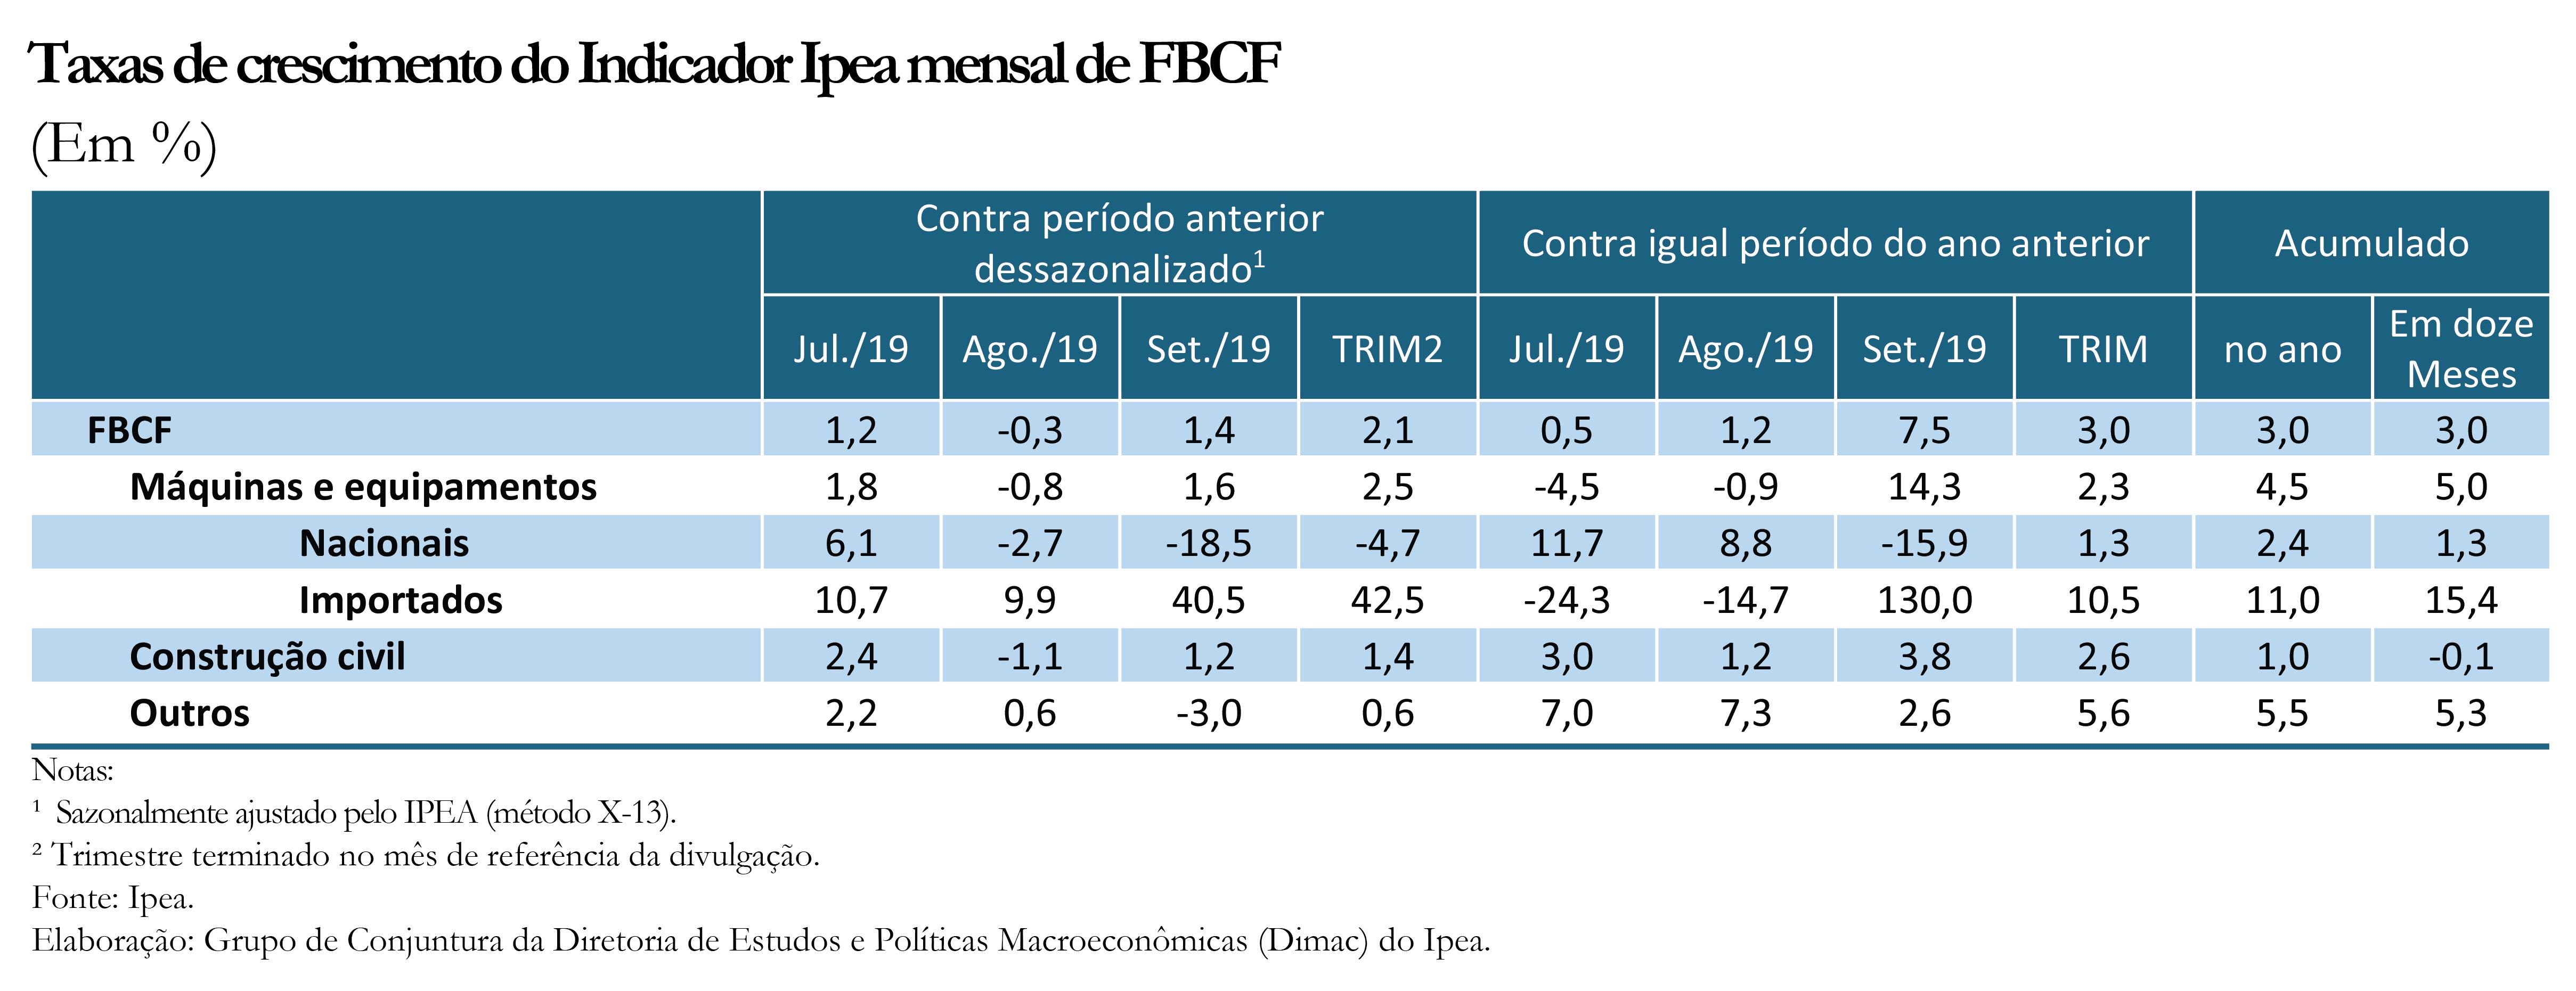 Tabela - Indicador Ipea FBCF set19